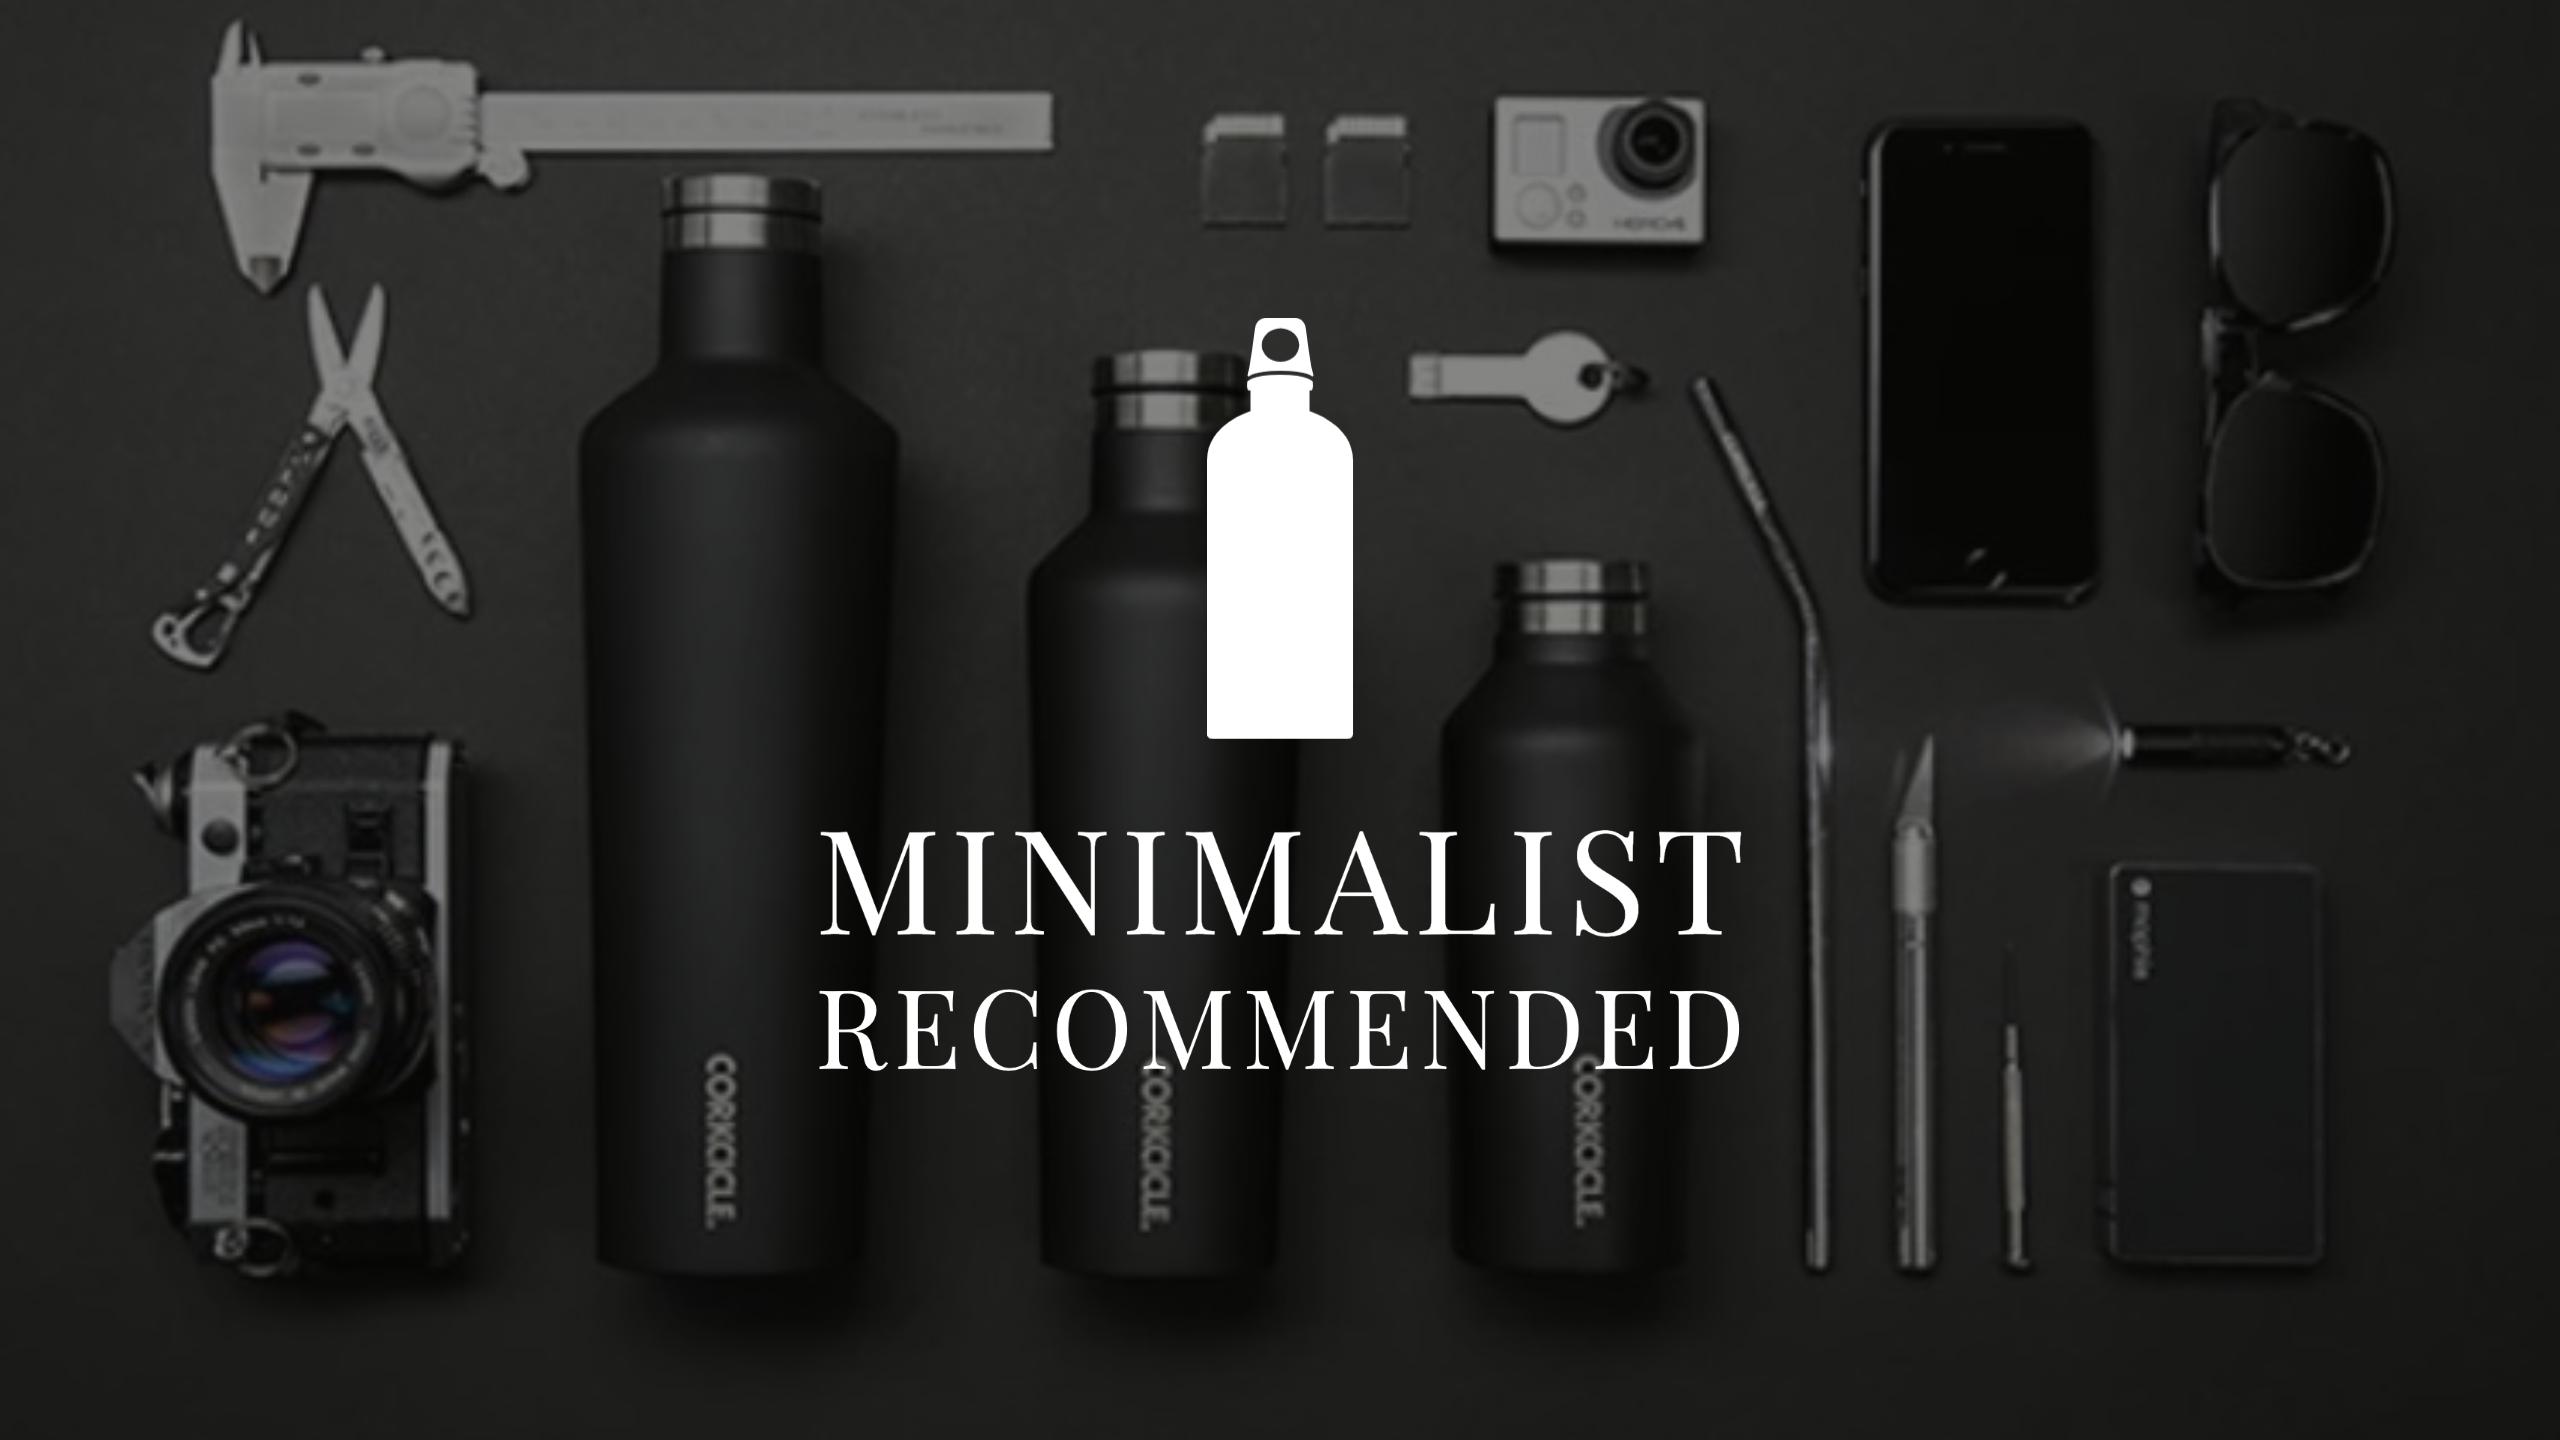 【ミニマリストにおすすめの水筒3選】マイボトルとして持つべきブランドを厳選!